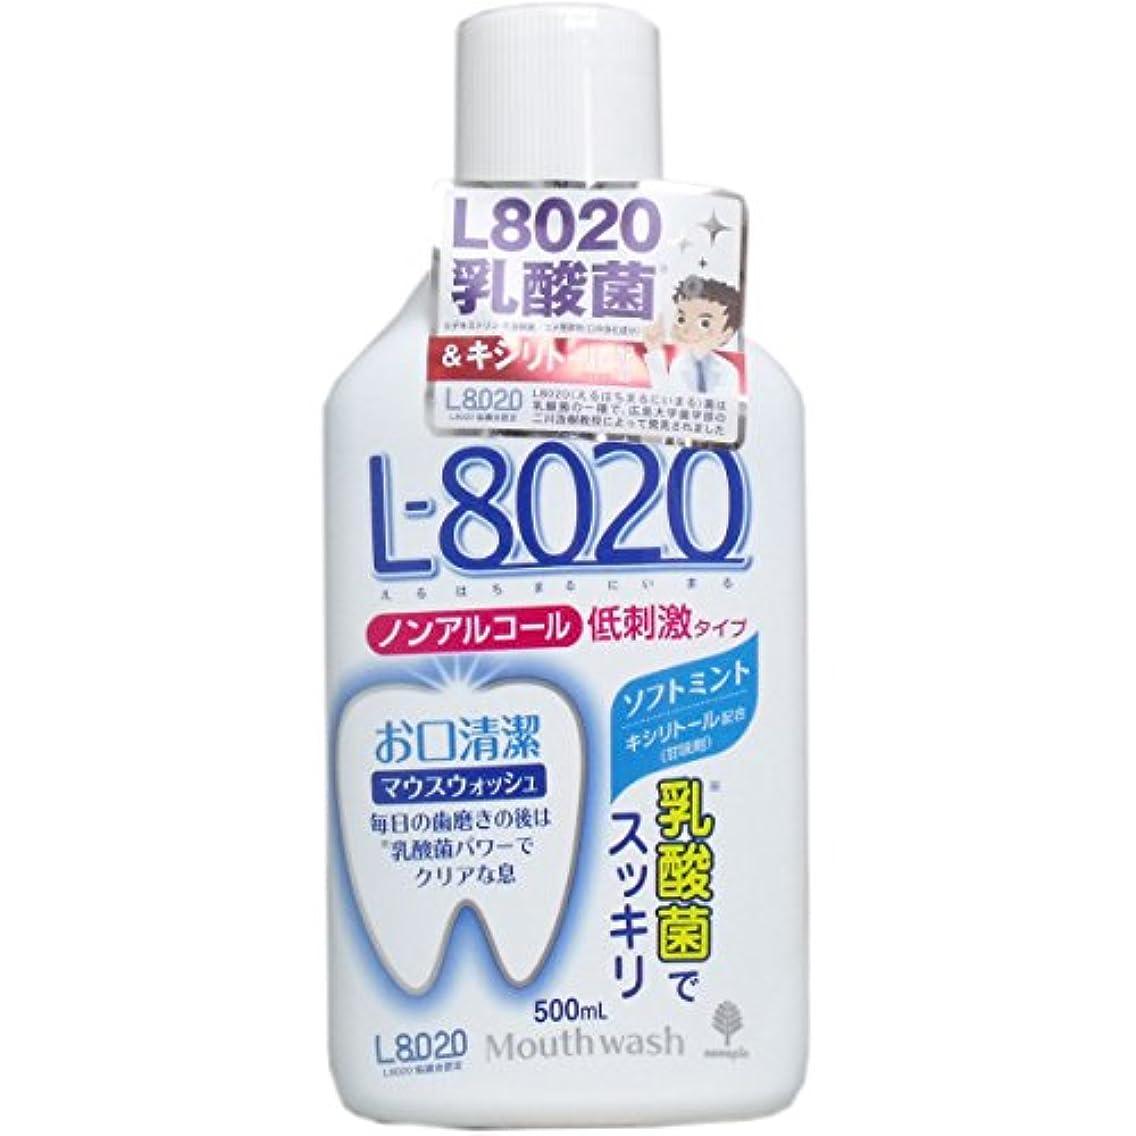 補助のホストパック紀陽除虫菊 マウスウォッシュ クチュッペL-8020 ソフトミント(ノンアルコール) 500ml … (5個)